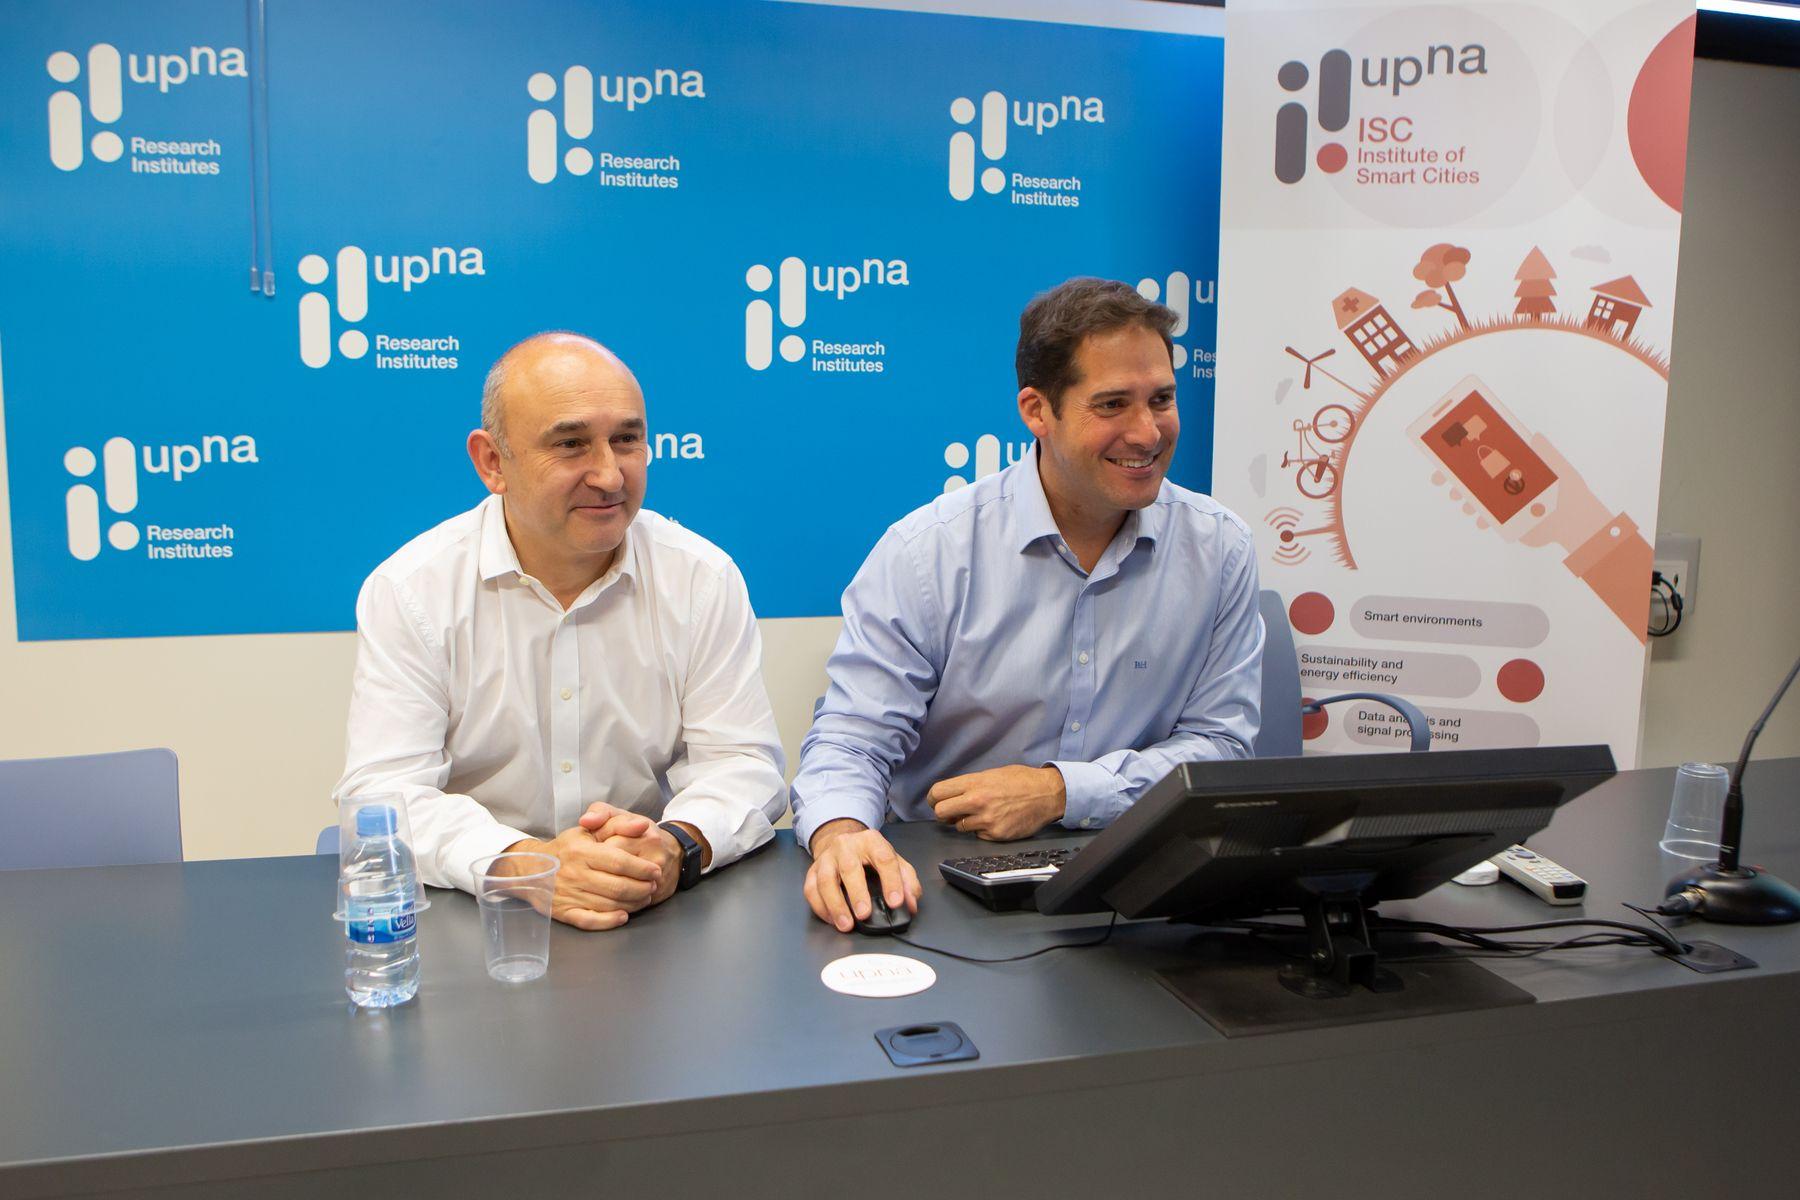 Pablo Branchi e Ignacio R. Matías, investigadores de la UPNA.